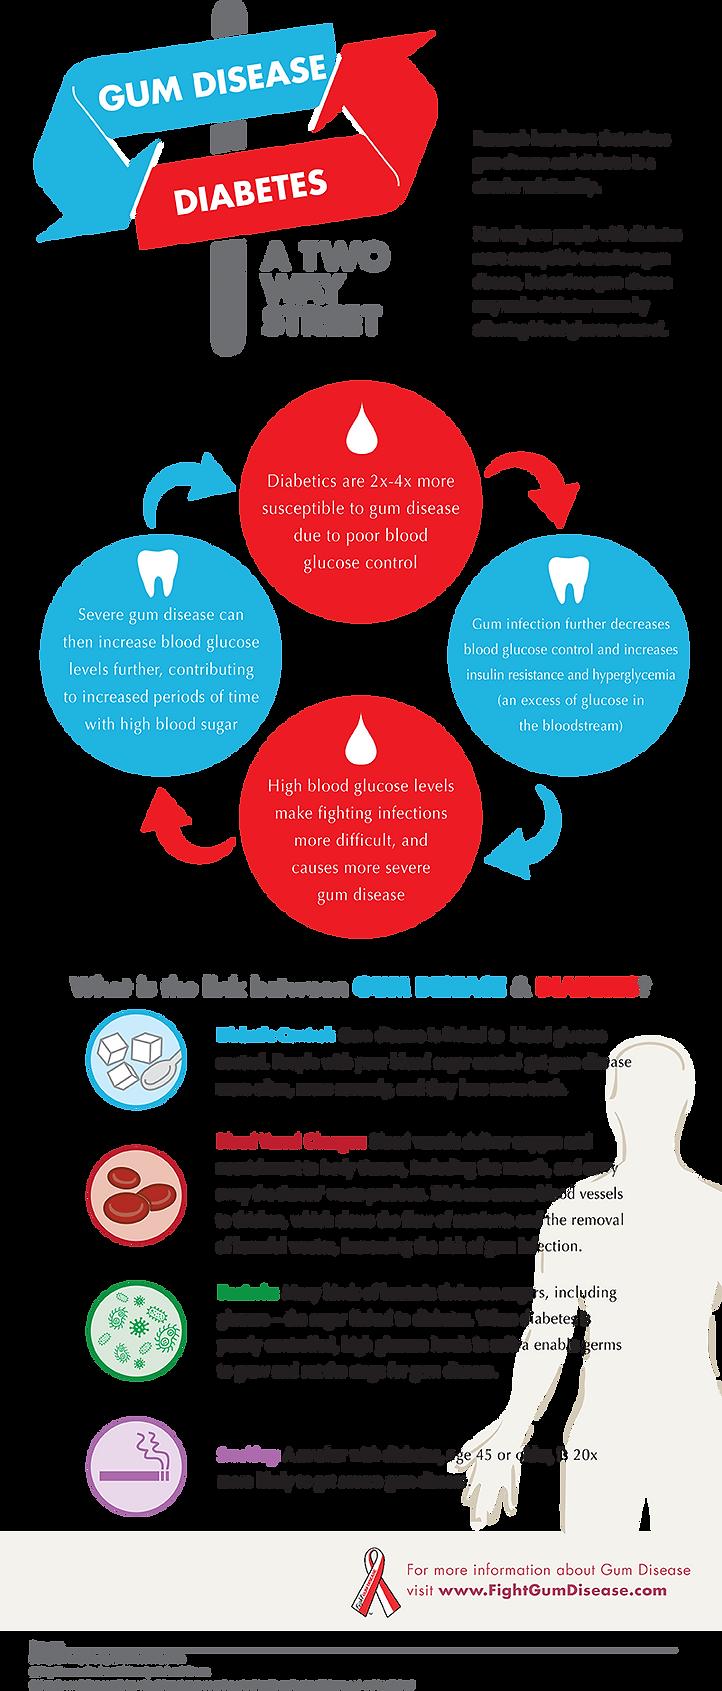 gum-disease-diabetes-infographic-1.png